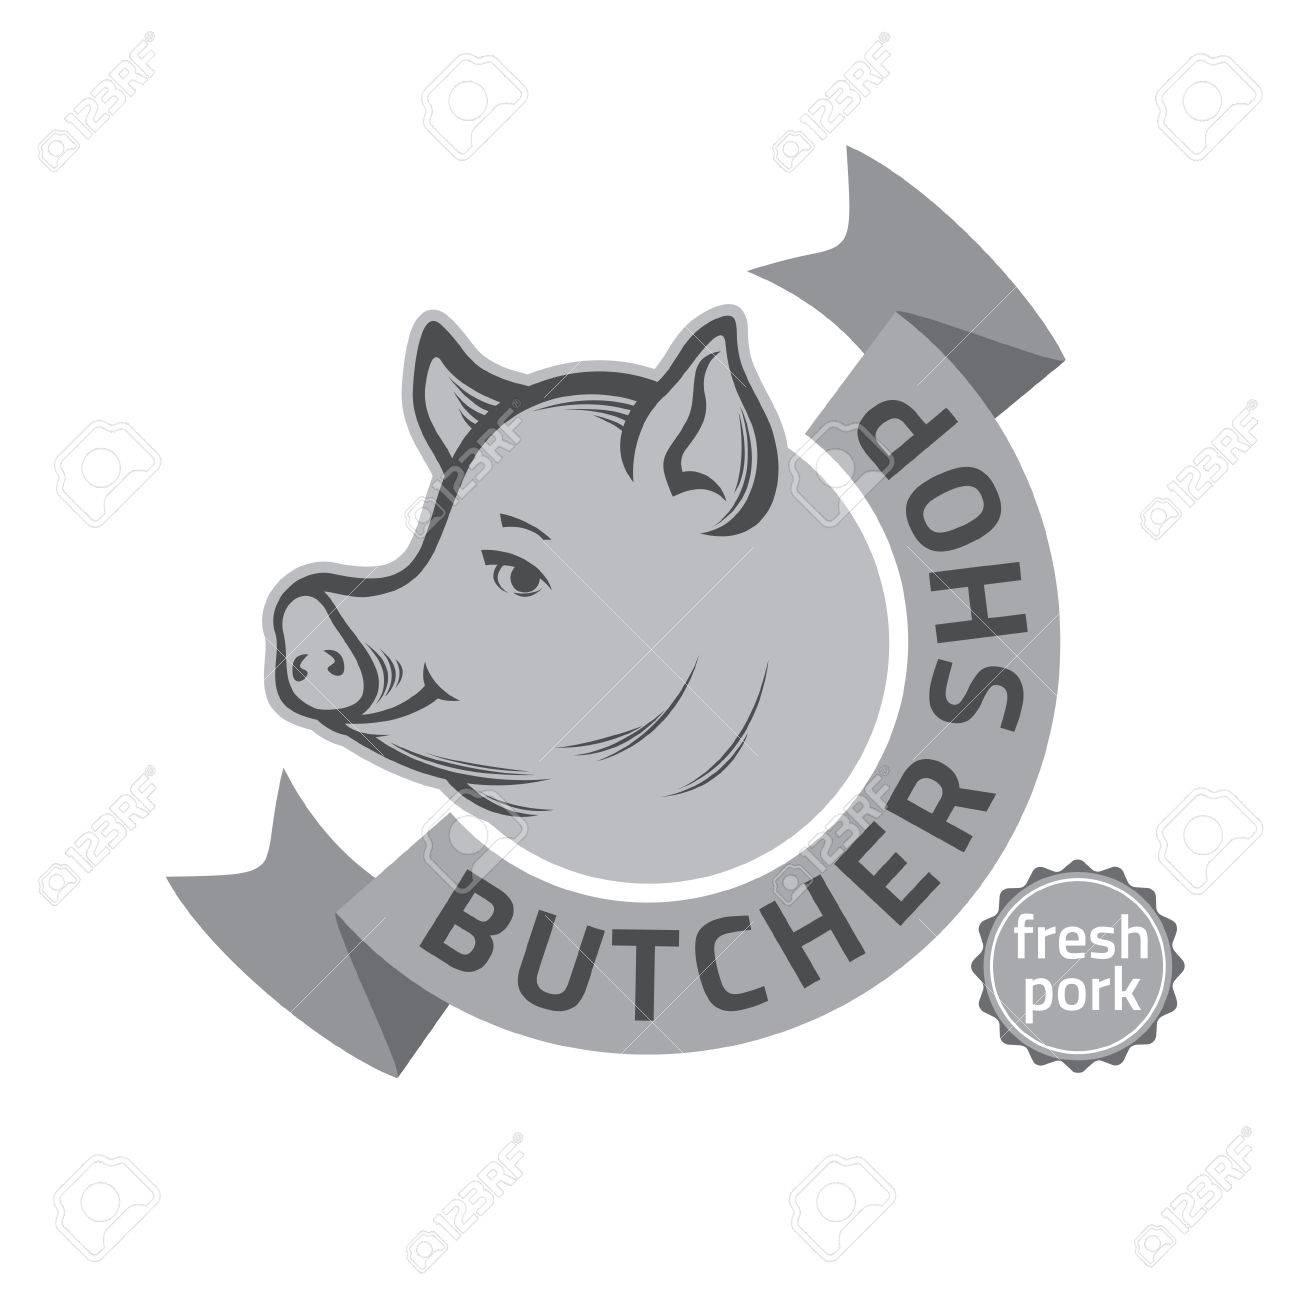 Vintage Retro Badge, Label Or Design Templates For Butcher Shop ...